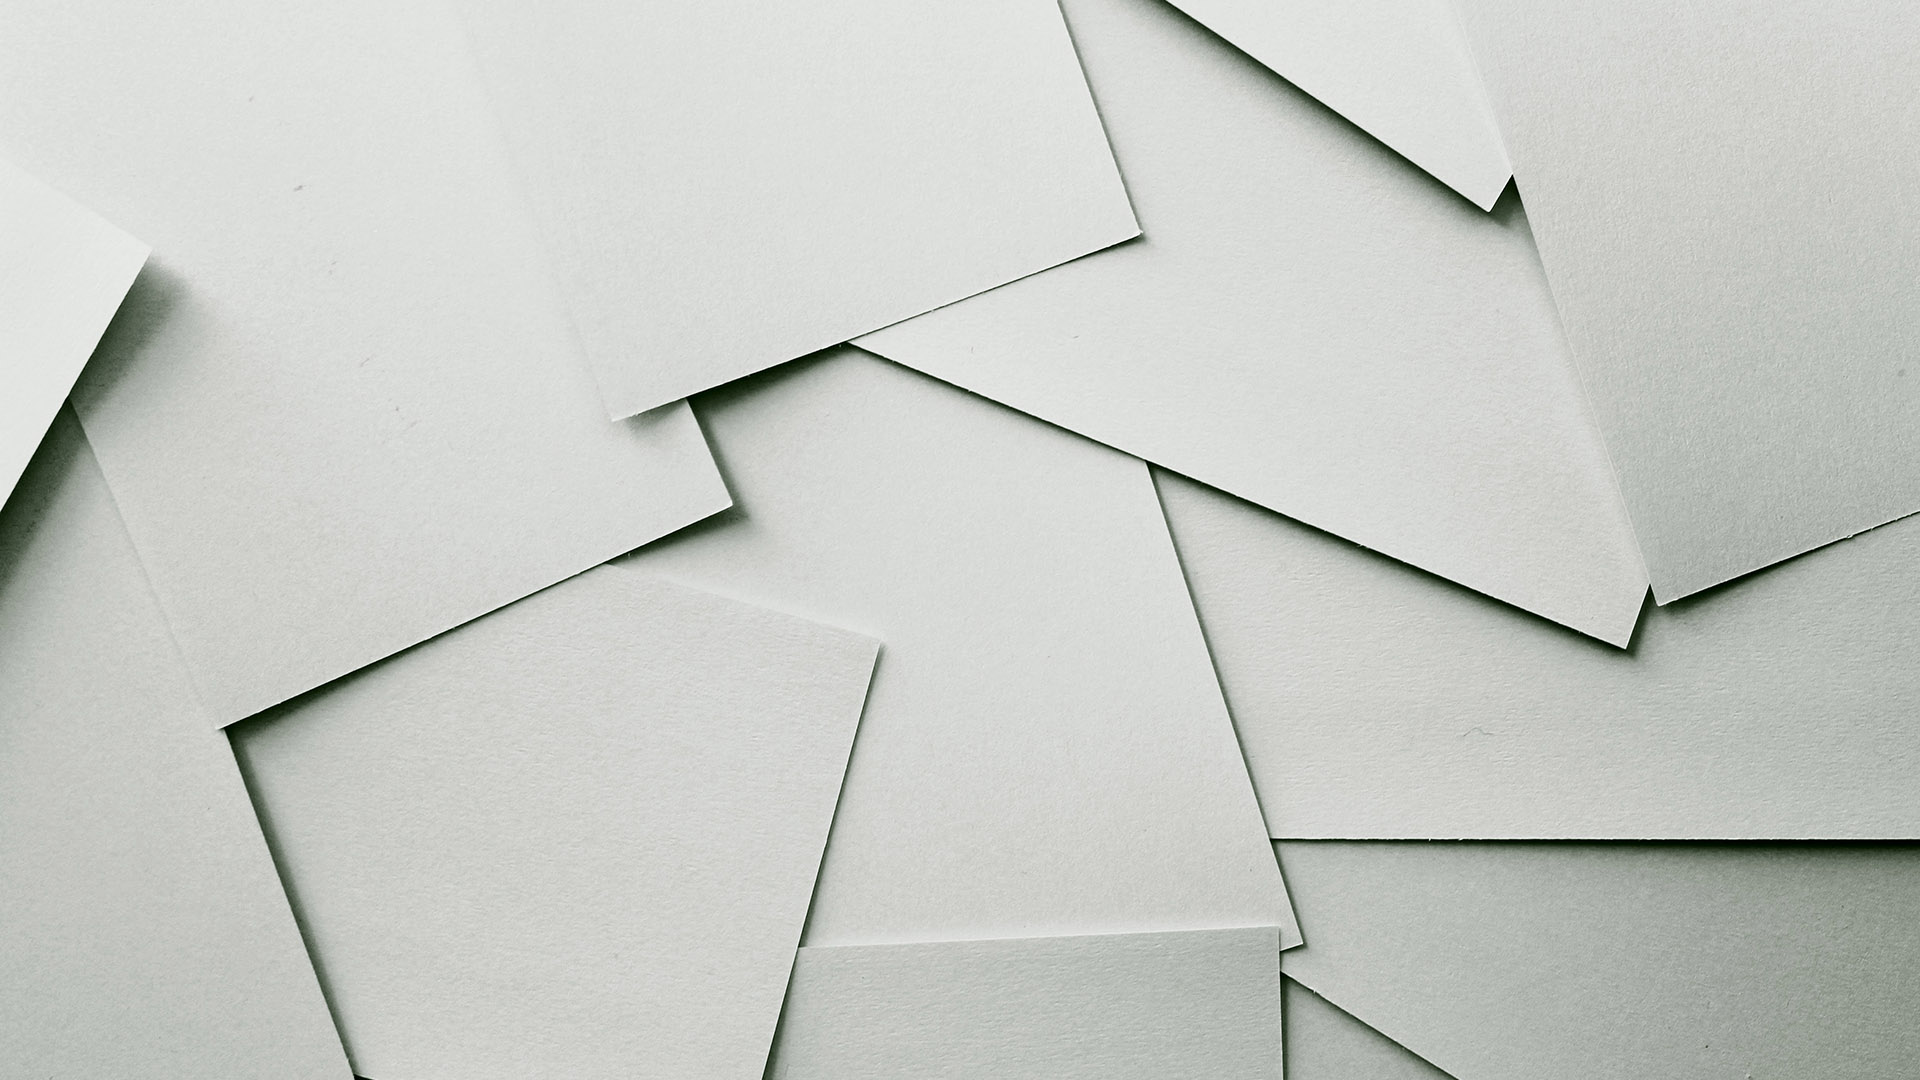 Leere, über den Tisch verteilte, weiße DINA4 Blätter. Symbolbild für Printdesign.